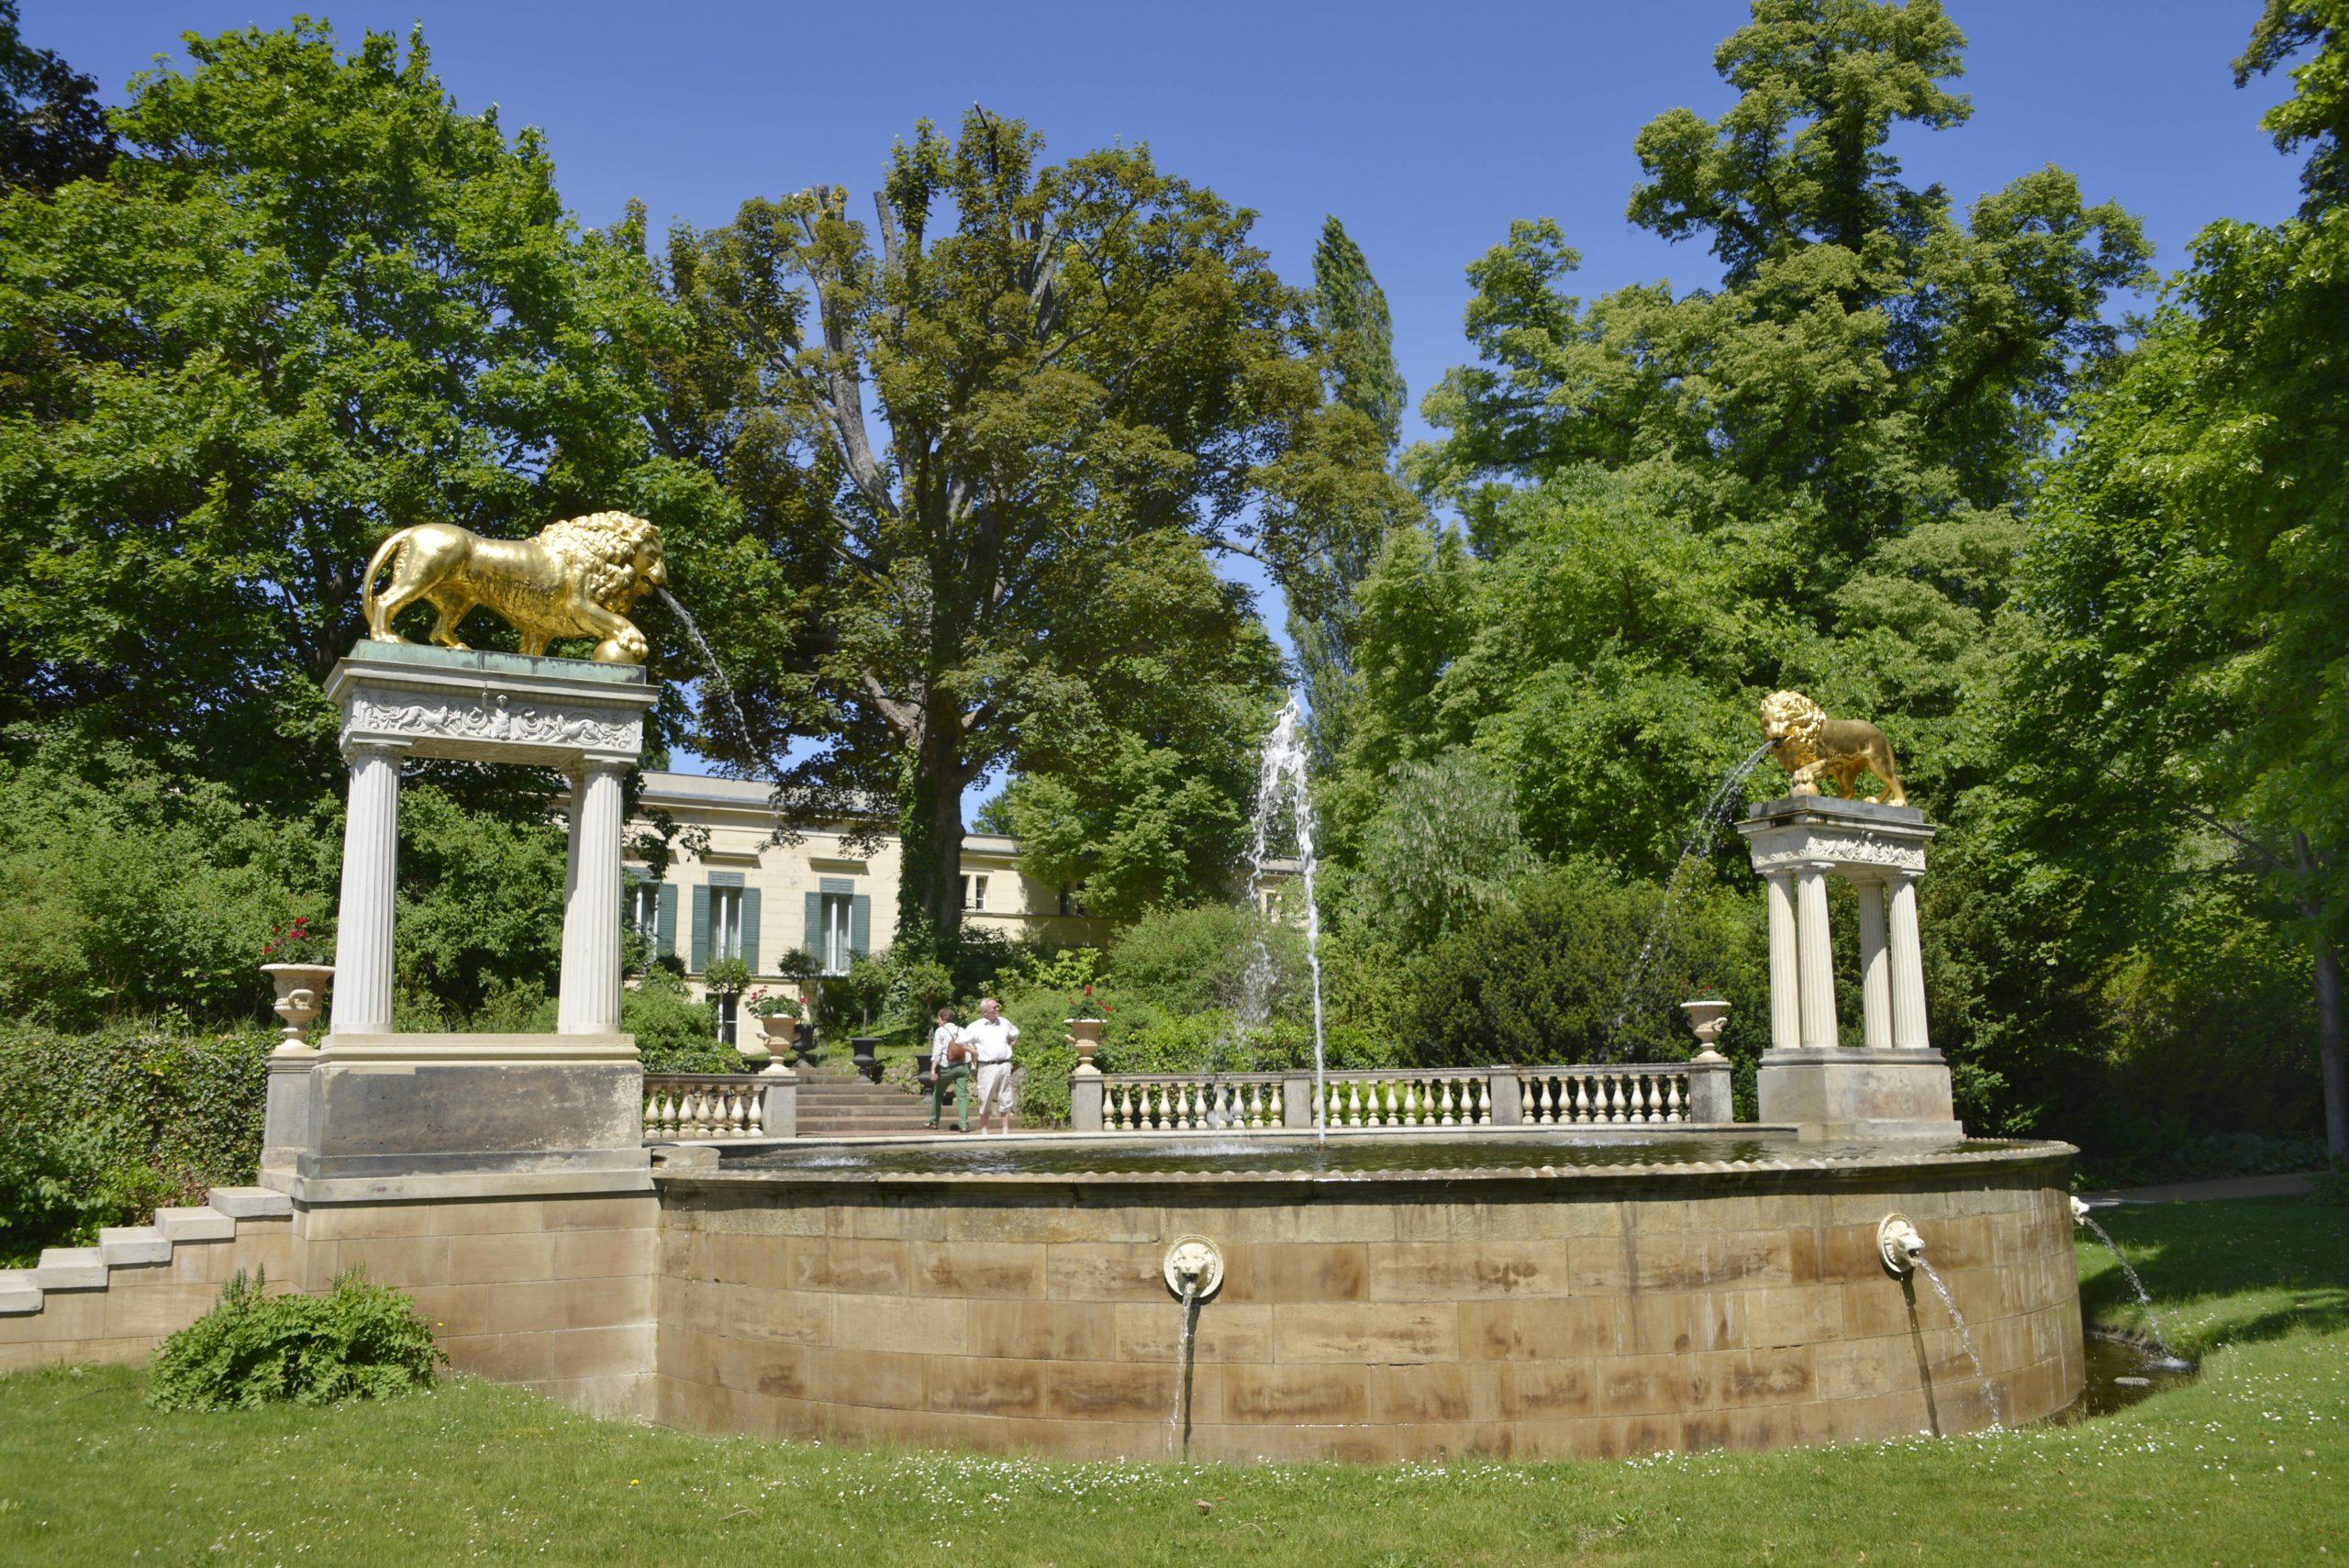 Märchen Berlin Das prächtige Schloss Glienicke und sein verwunschener Schlosspark gehören zurecht zum Unesco-Weltkulturerbe.